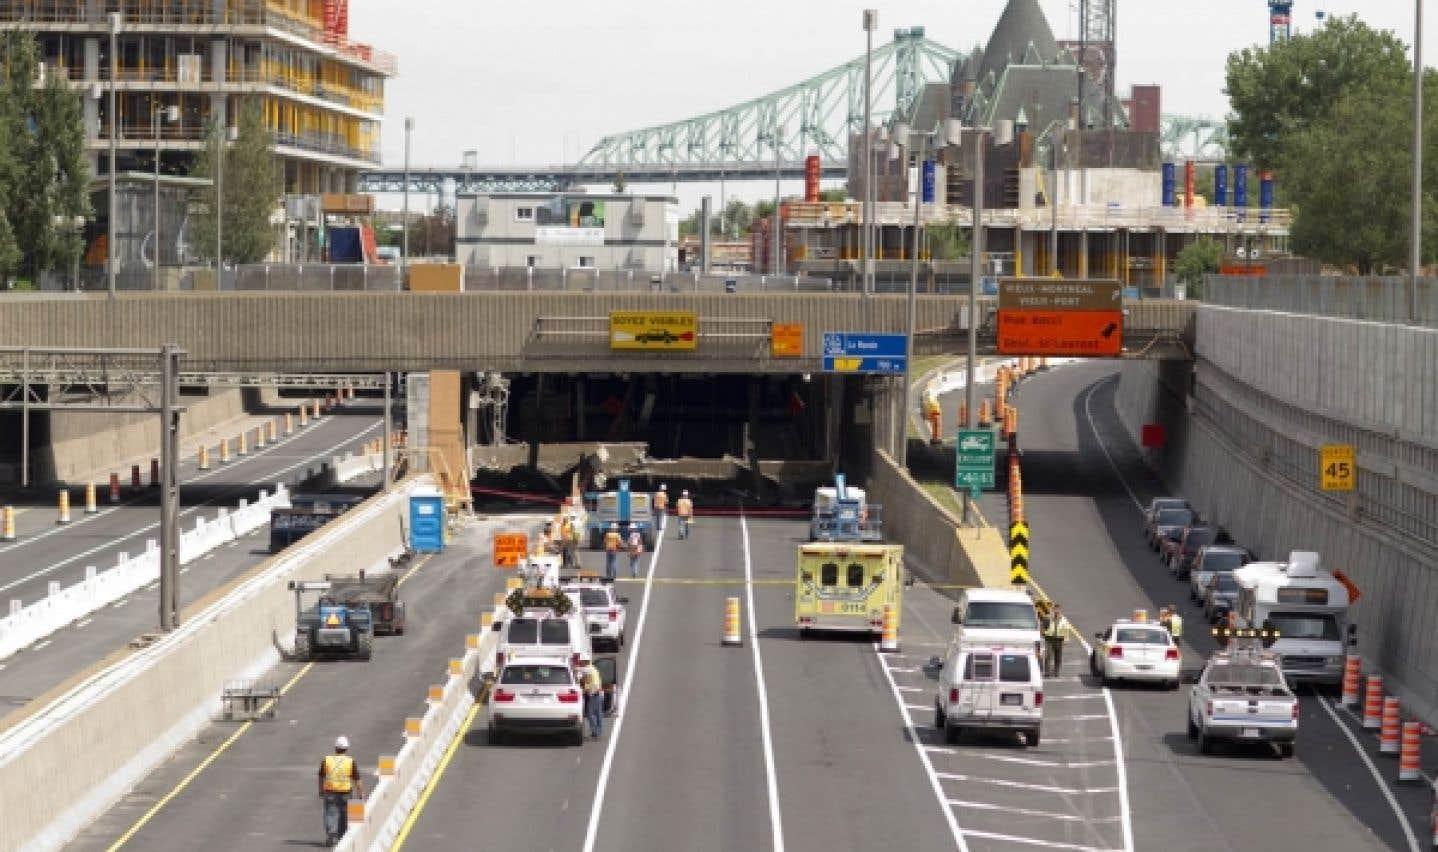 Autoroute Ville-Marie - L'état du tunnel Viger jugé critique en 2008